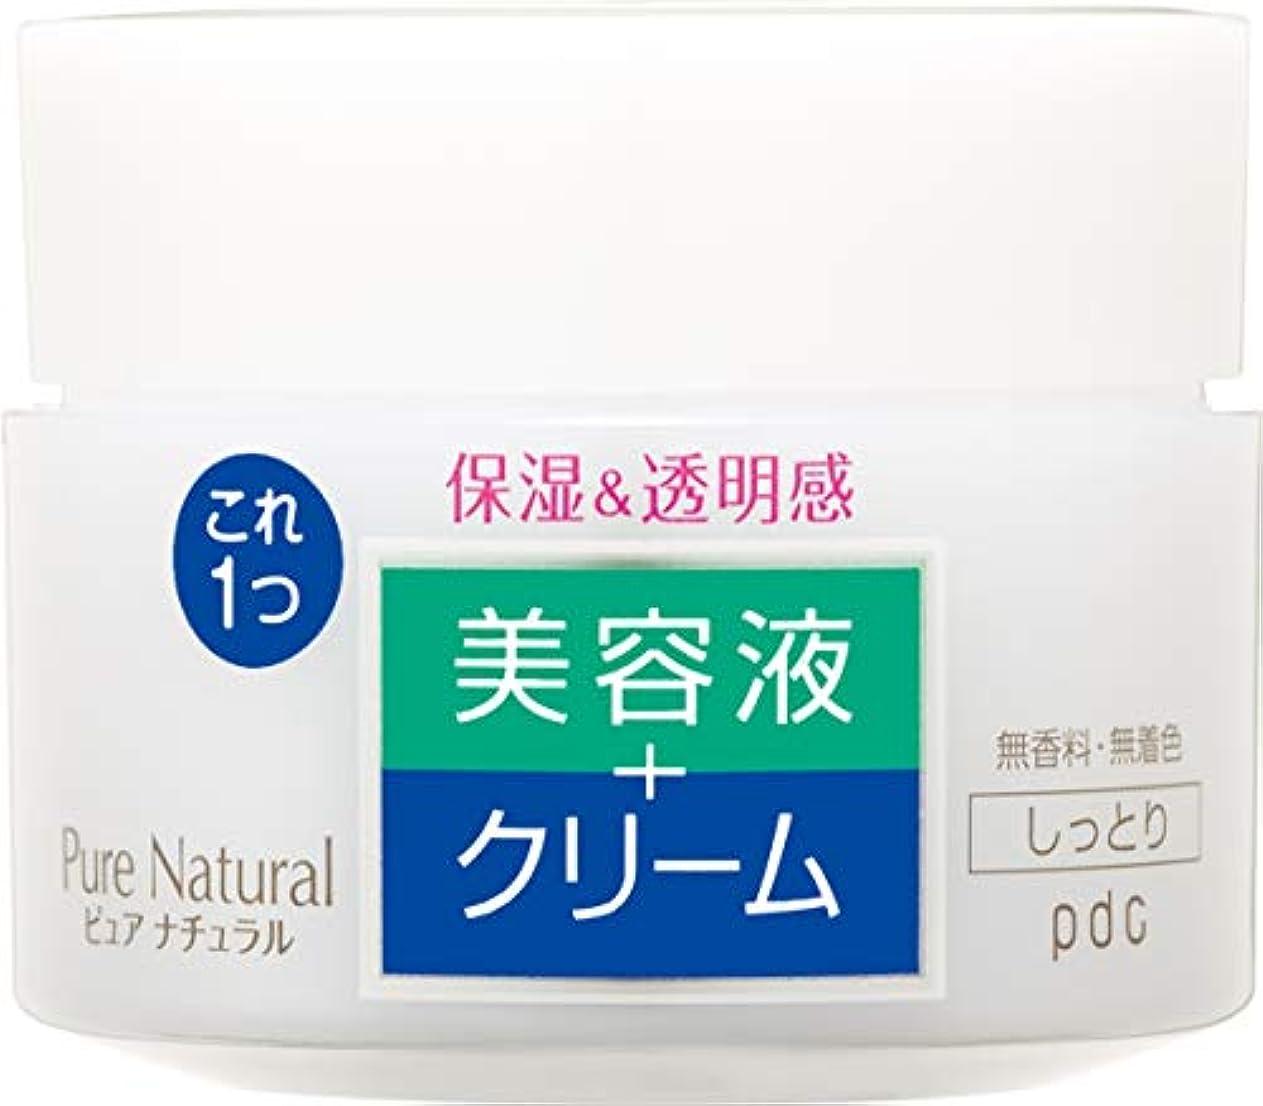 イソギンチャク無心海里Pure NATURAL(ピュアナチュラル) クリームエッセンス モイスト 100g